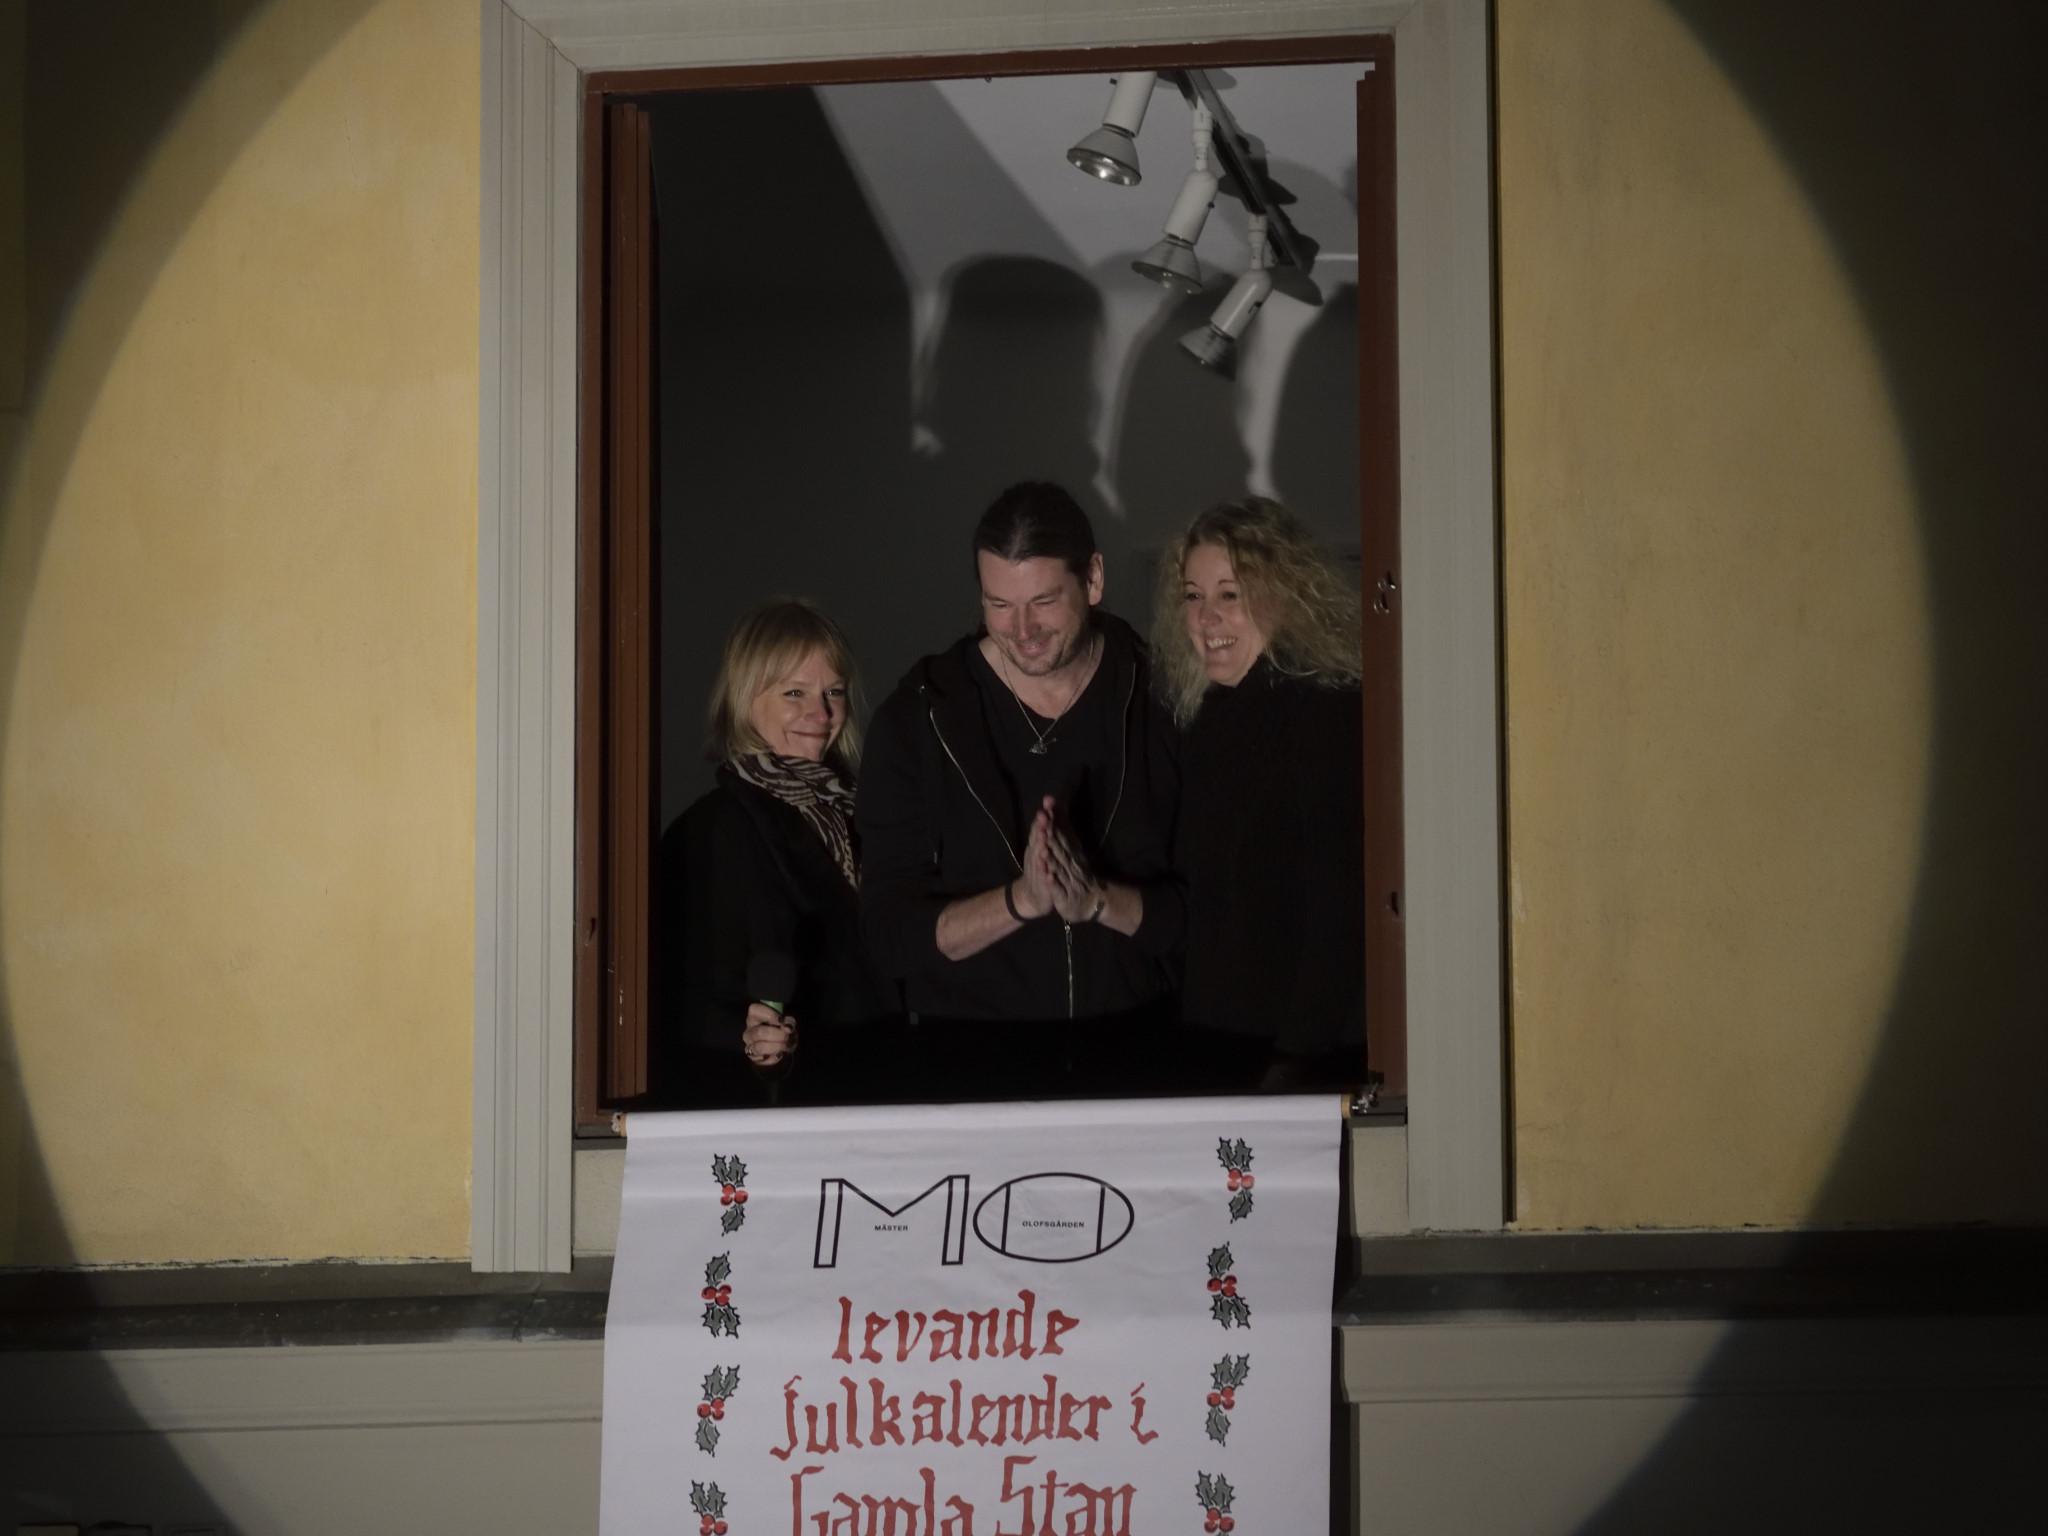 Levande Julkalender med Leffe Andersson och Eva Unger i Gamla Stan av Magnus Norden